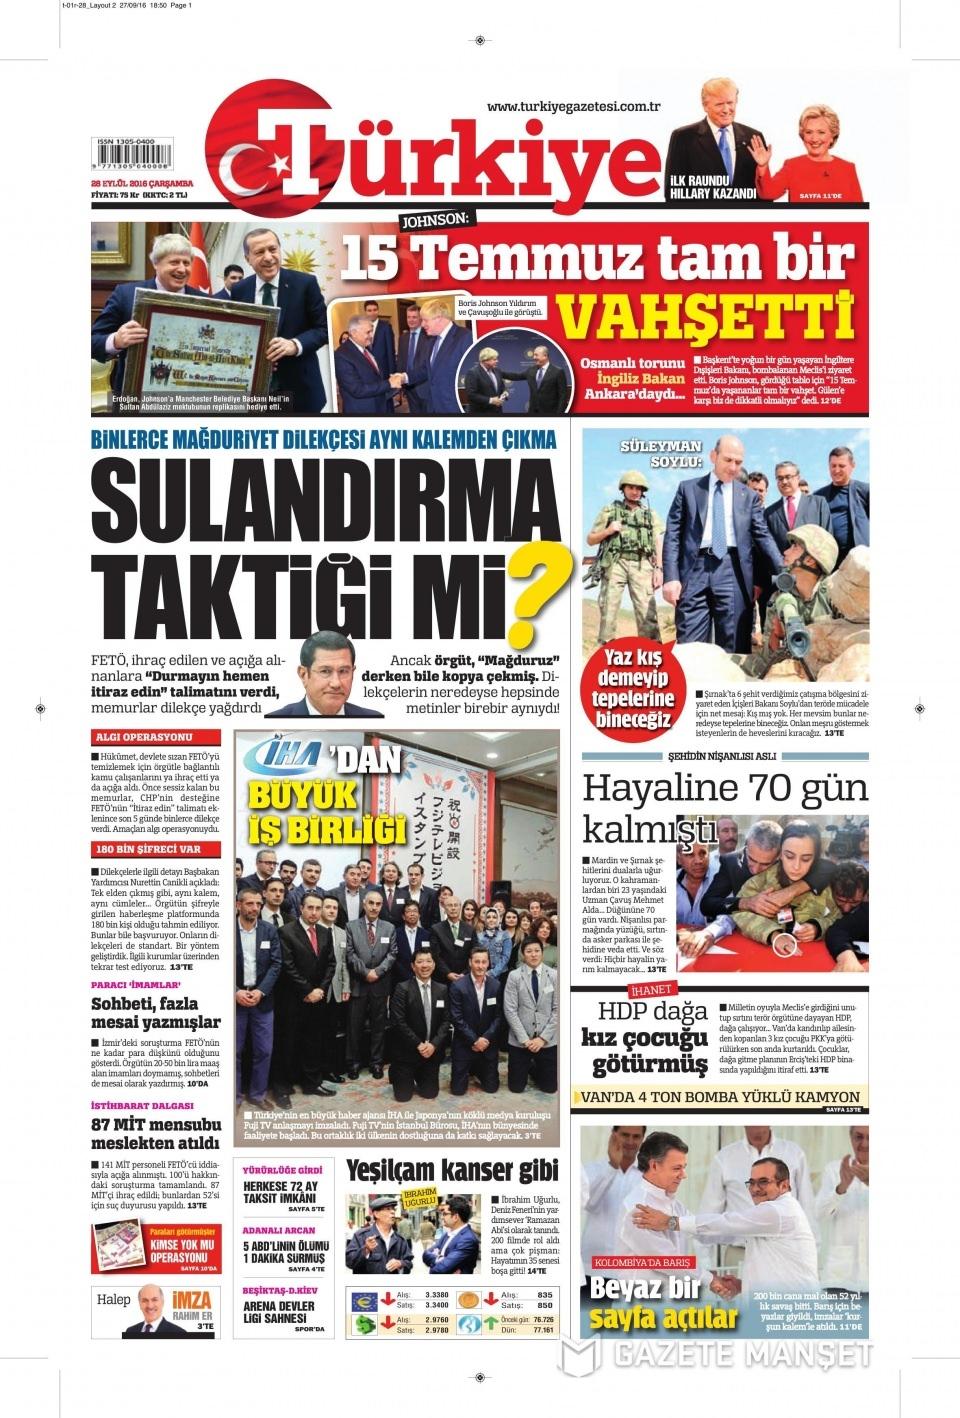 28 Eylül Çarşamba gazete manşetleri 7